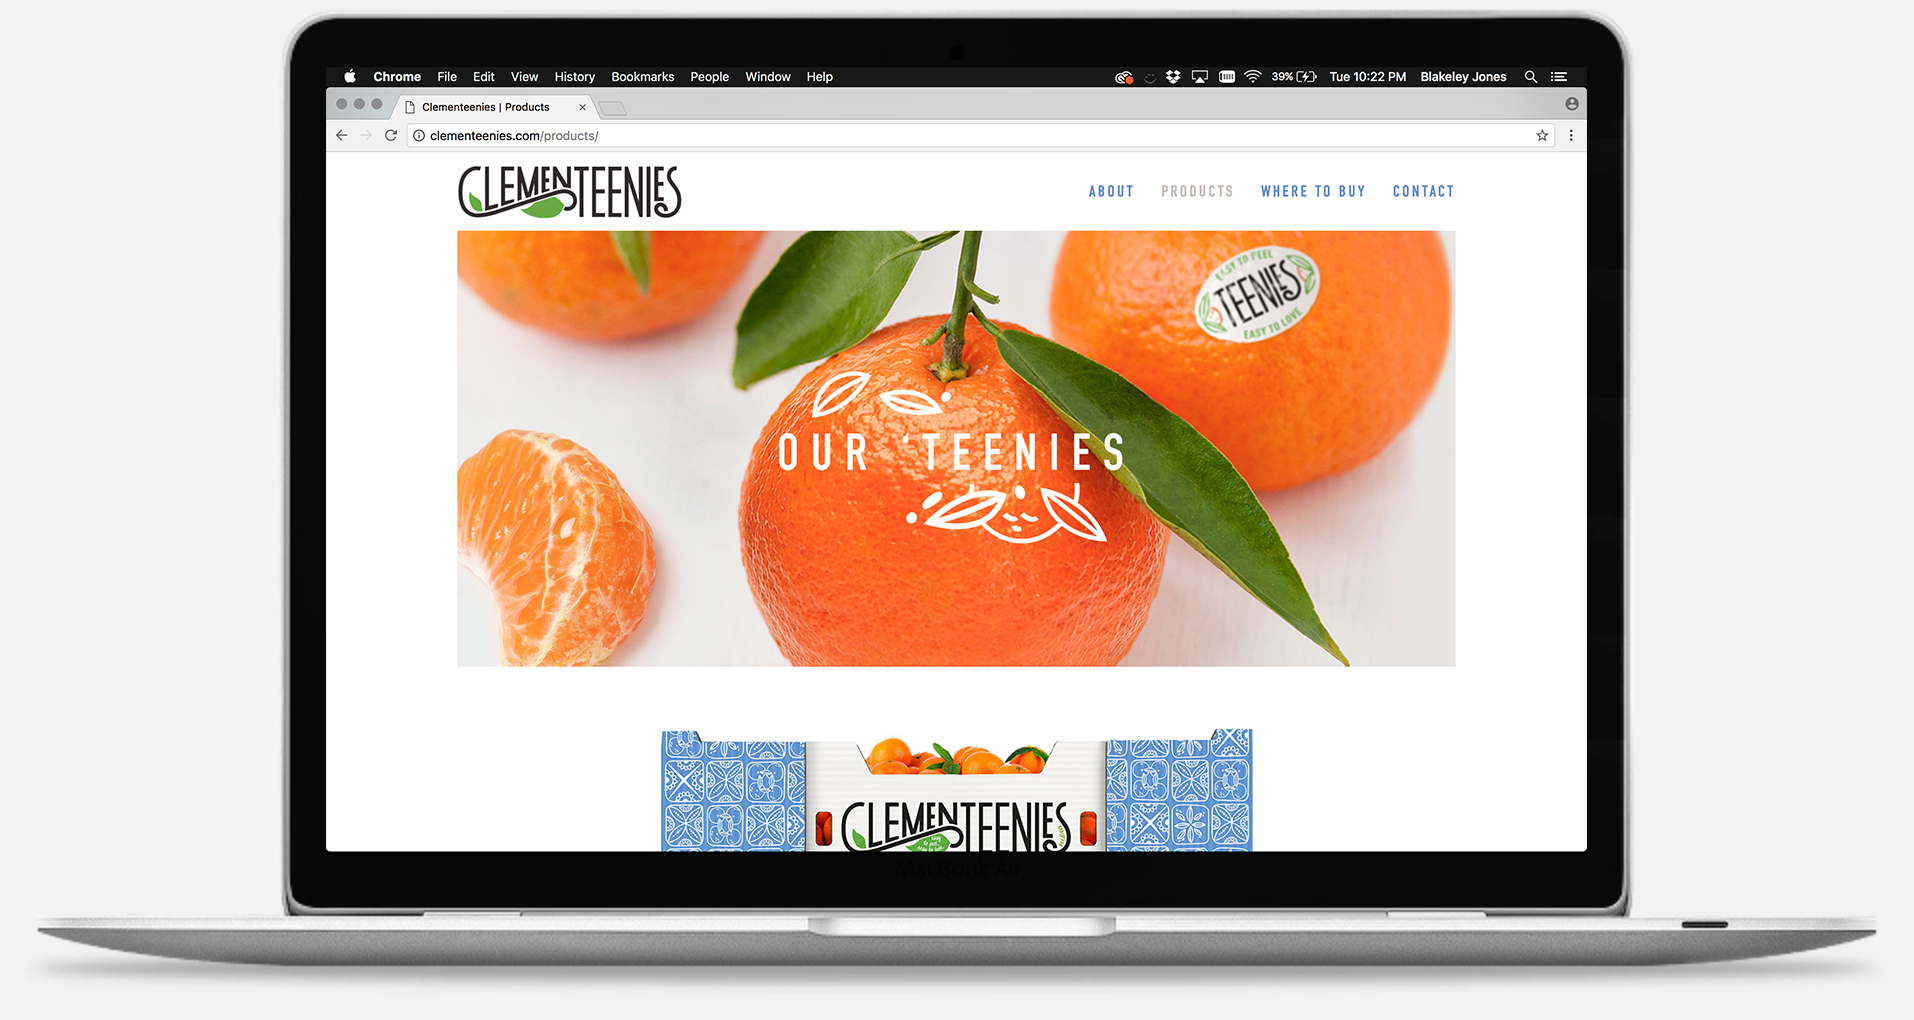 clementeenies_webpage2.jpg